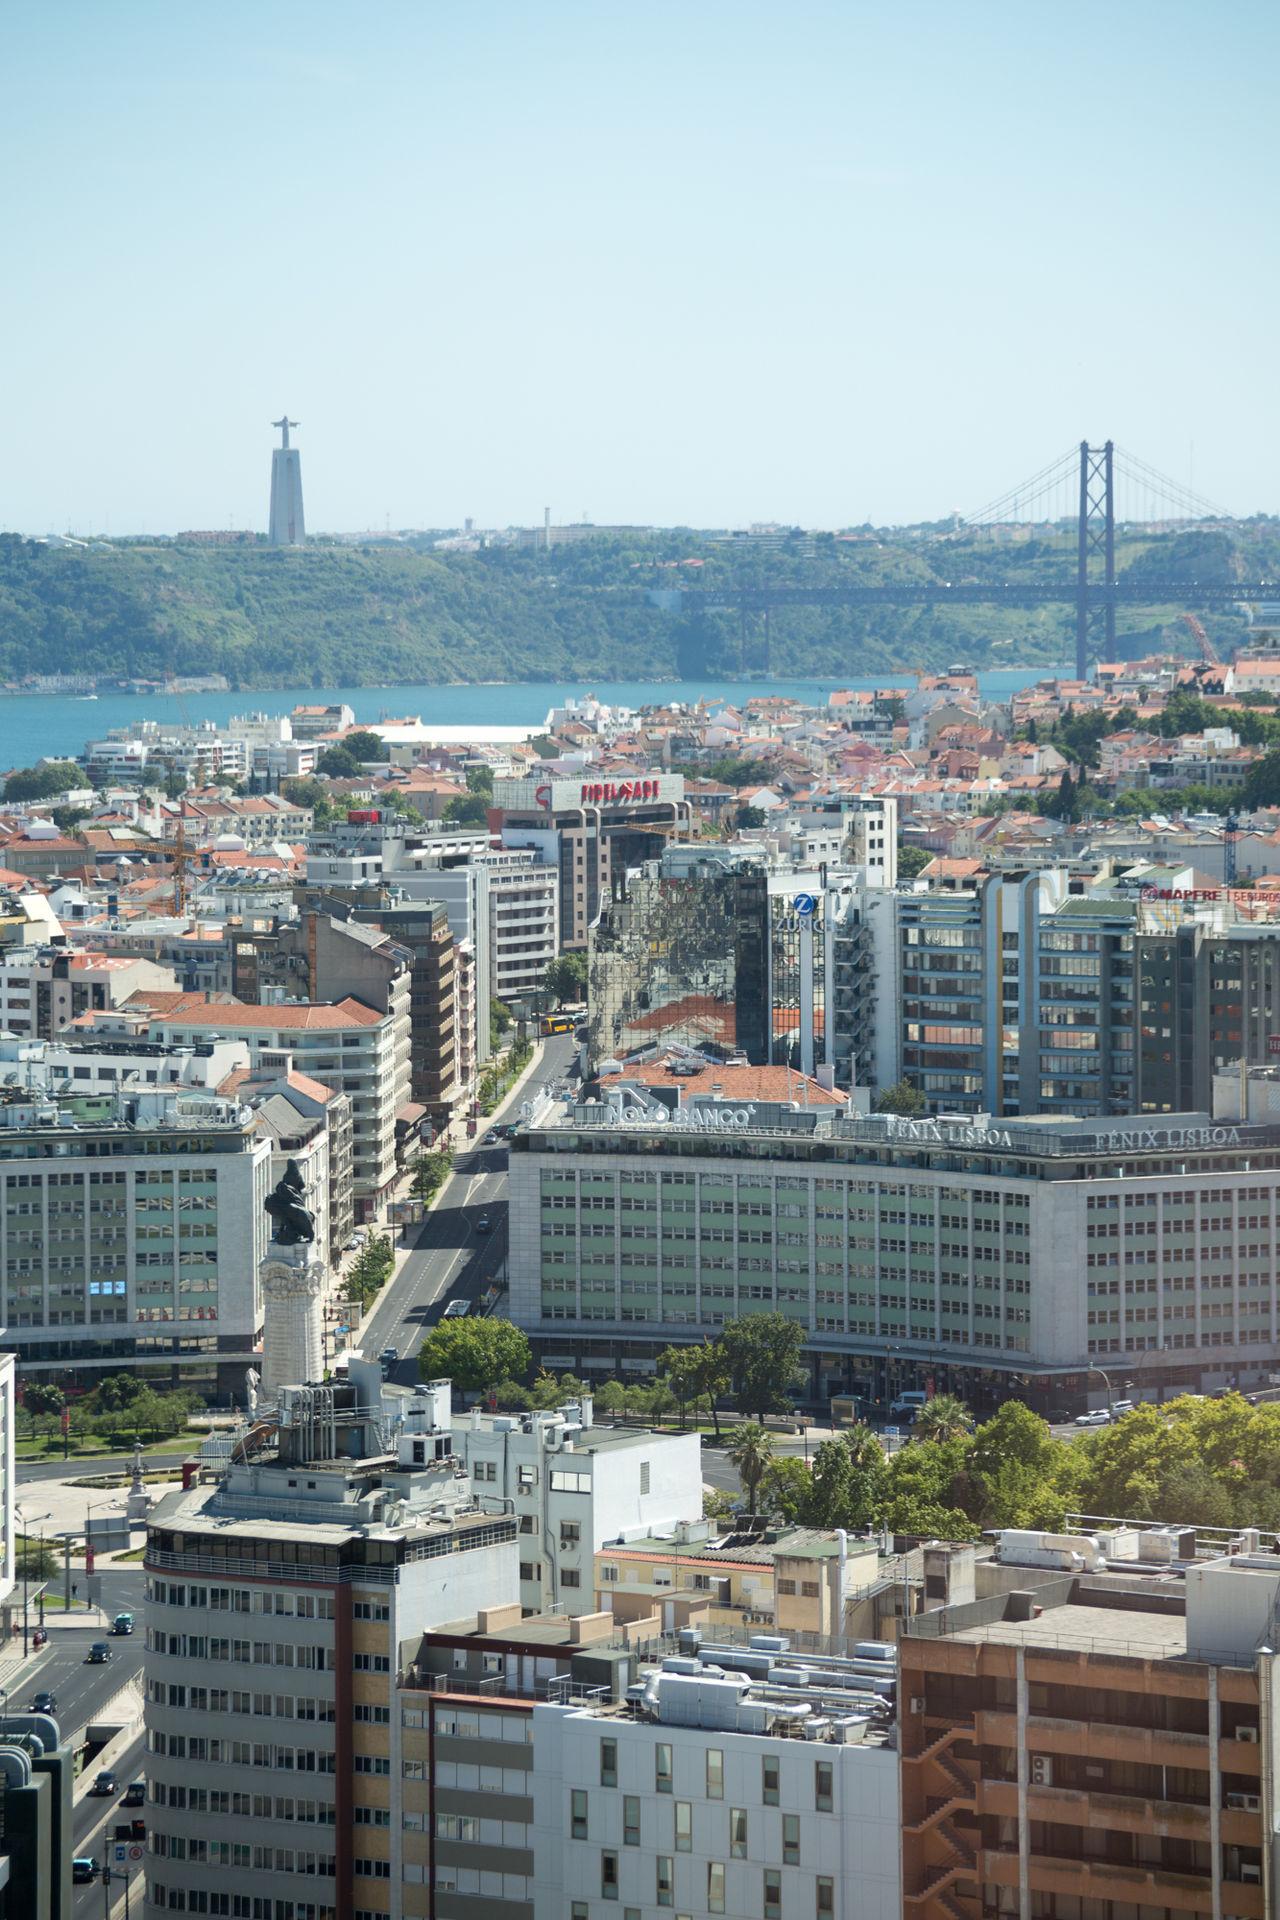 La vue du 25e etage du Sheraton Hotel de Lisbon SheratonHotel Portugal Lisbon - Portugal Lisbon Lisboa Cloud - Sky